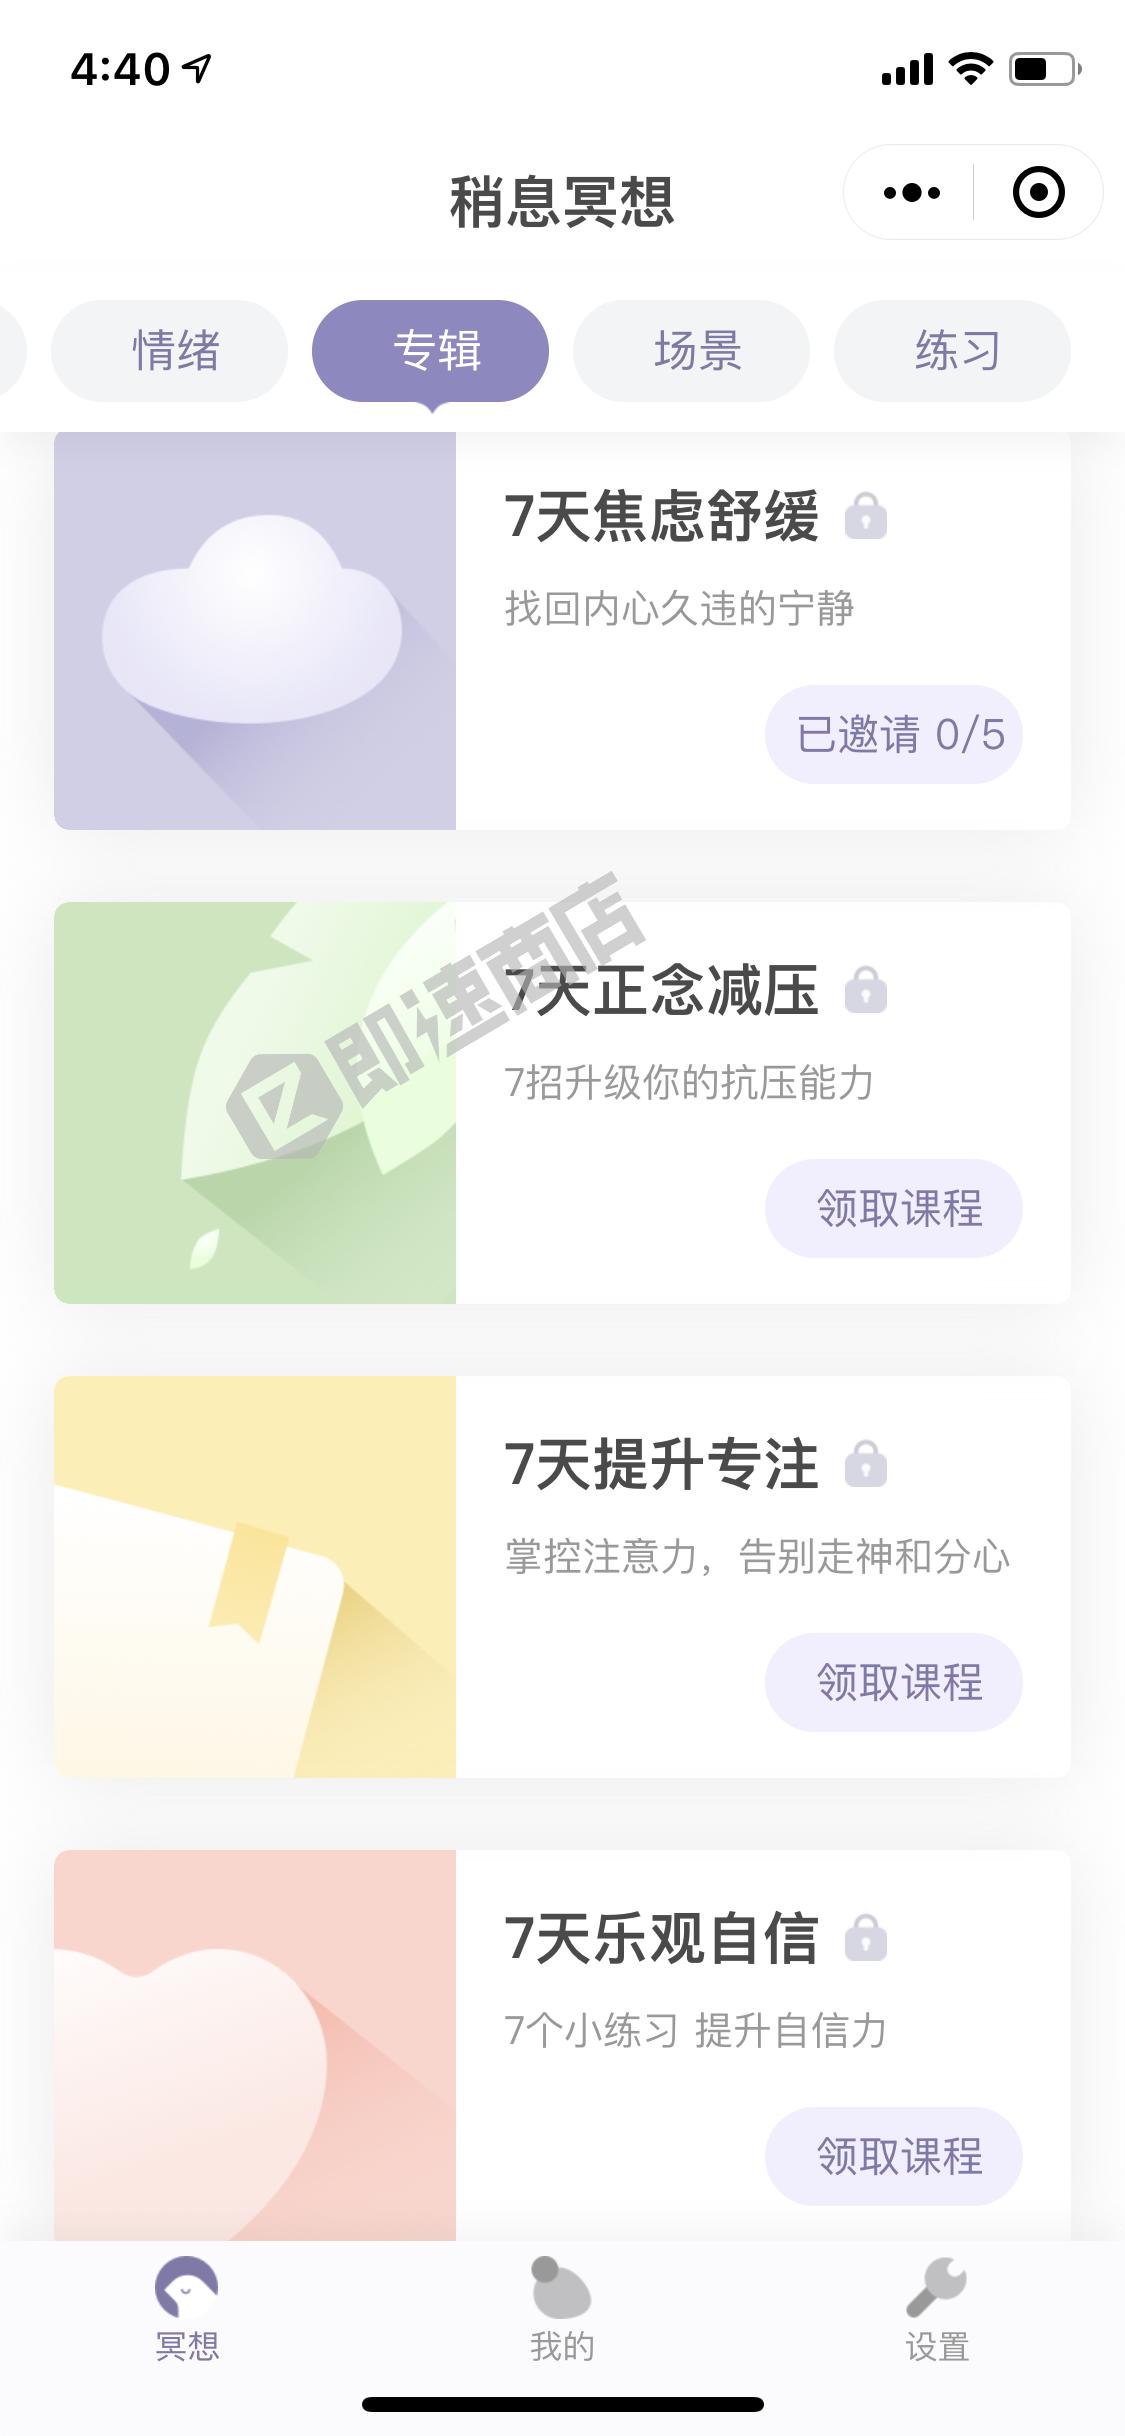 稍息冥想by壹心理小程序列表页截图